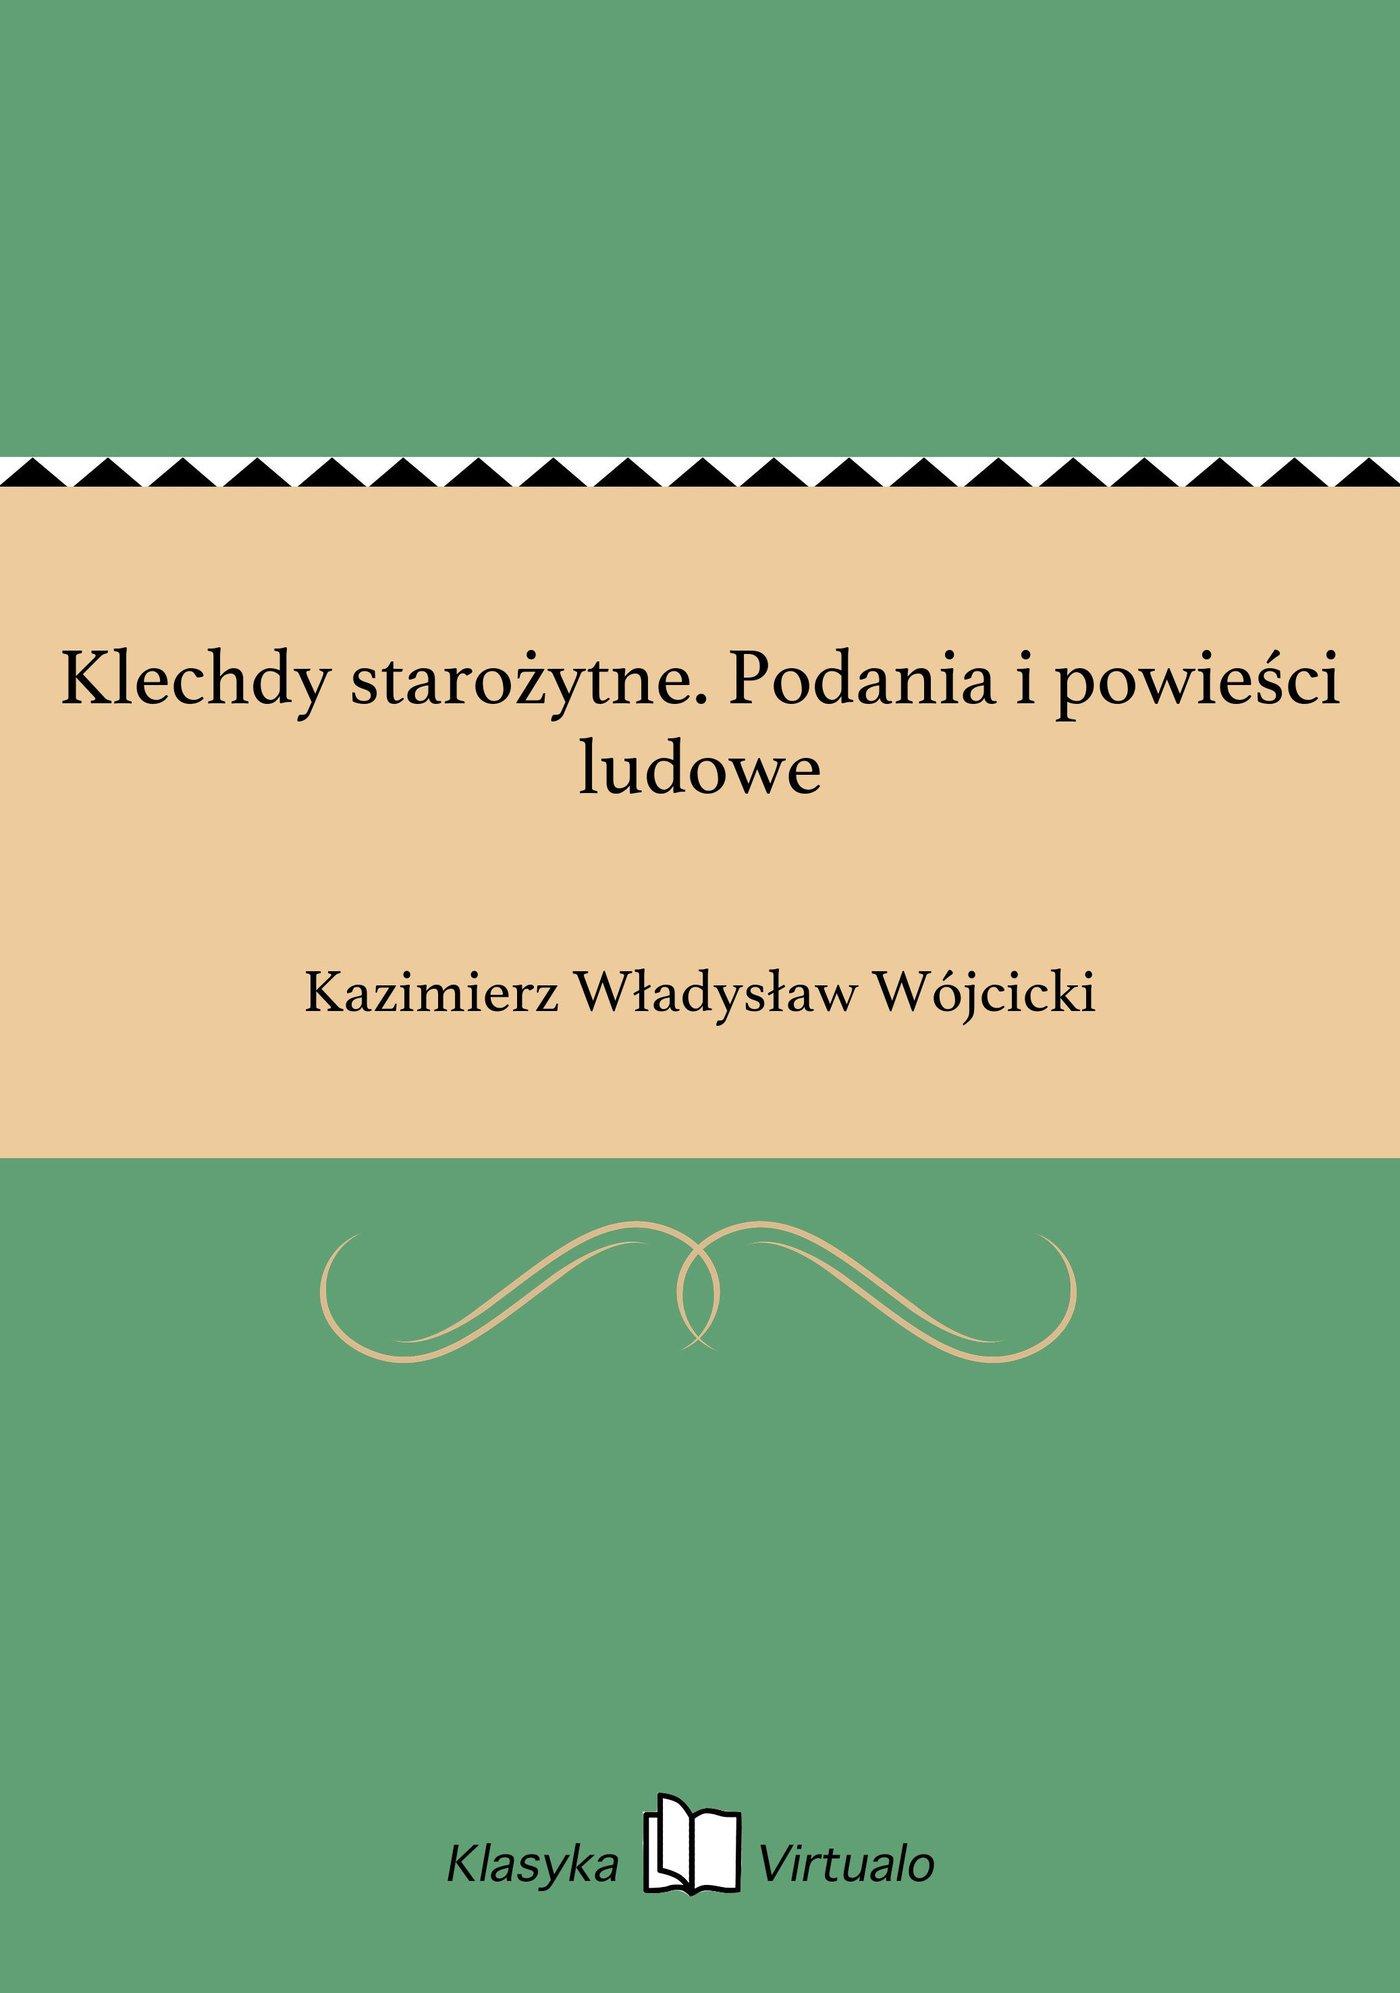 Klechdy starożytne. Podania i powieści ludowe - Ebook (Książka EPUB) do pobrania w formacie EPUB